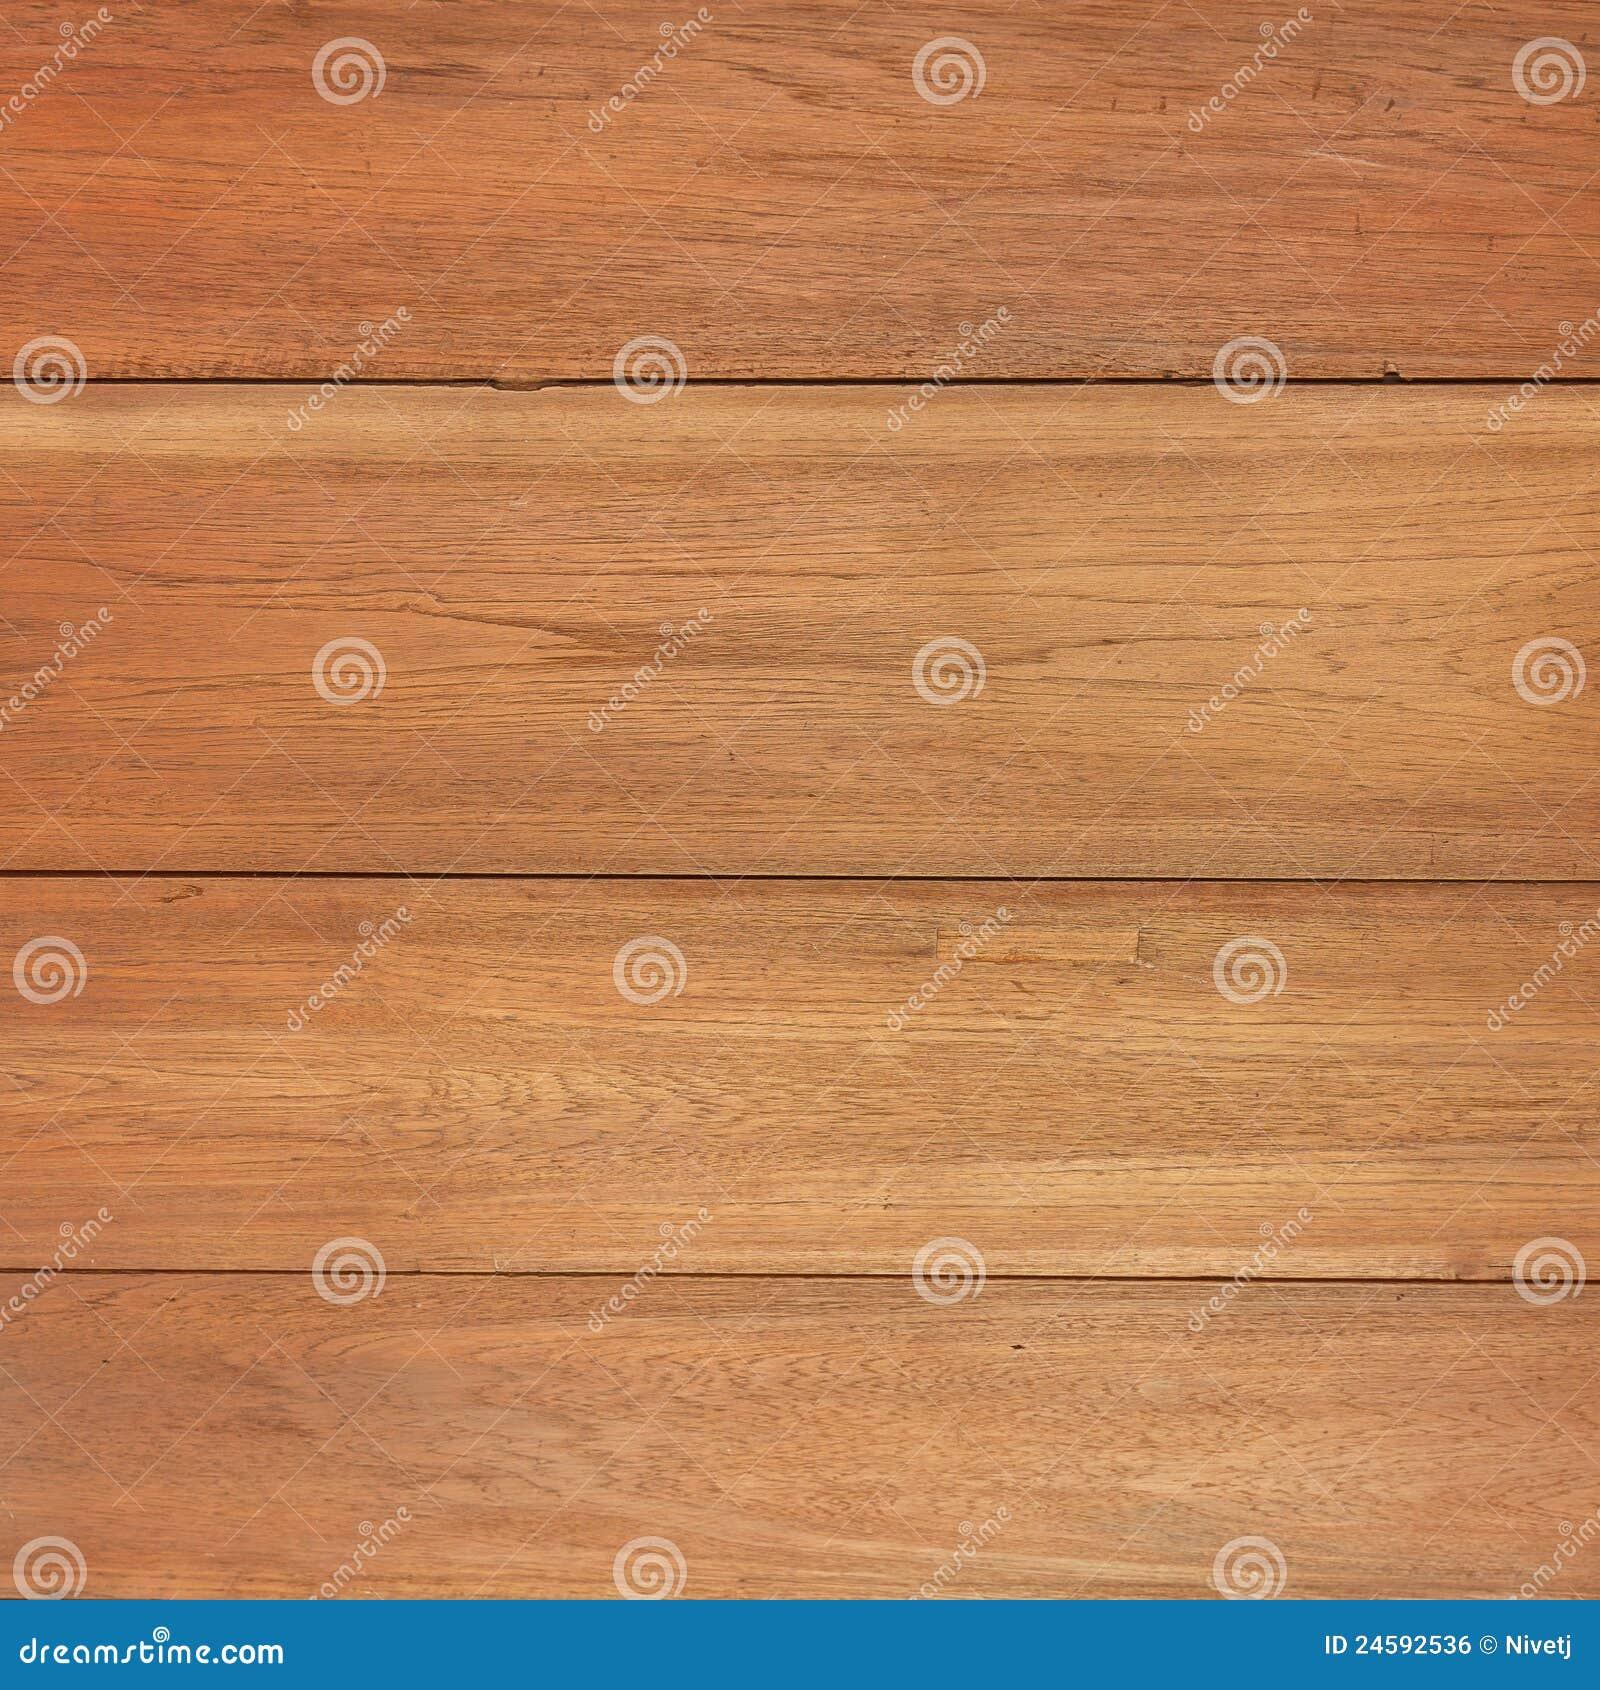 Vieille planche en bois image libre de droits image 24592536 - Vieille planche bois ...